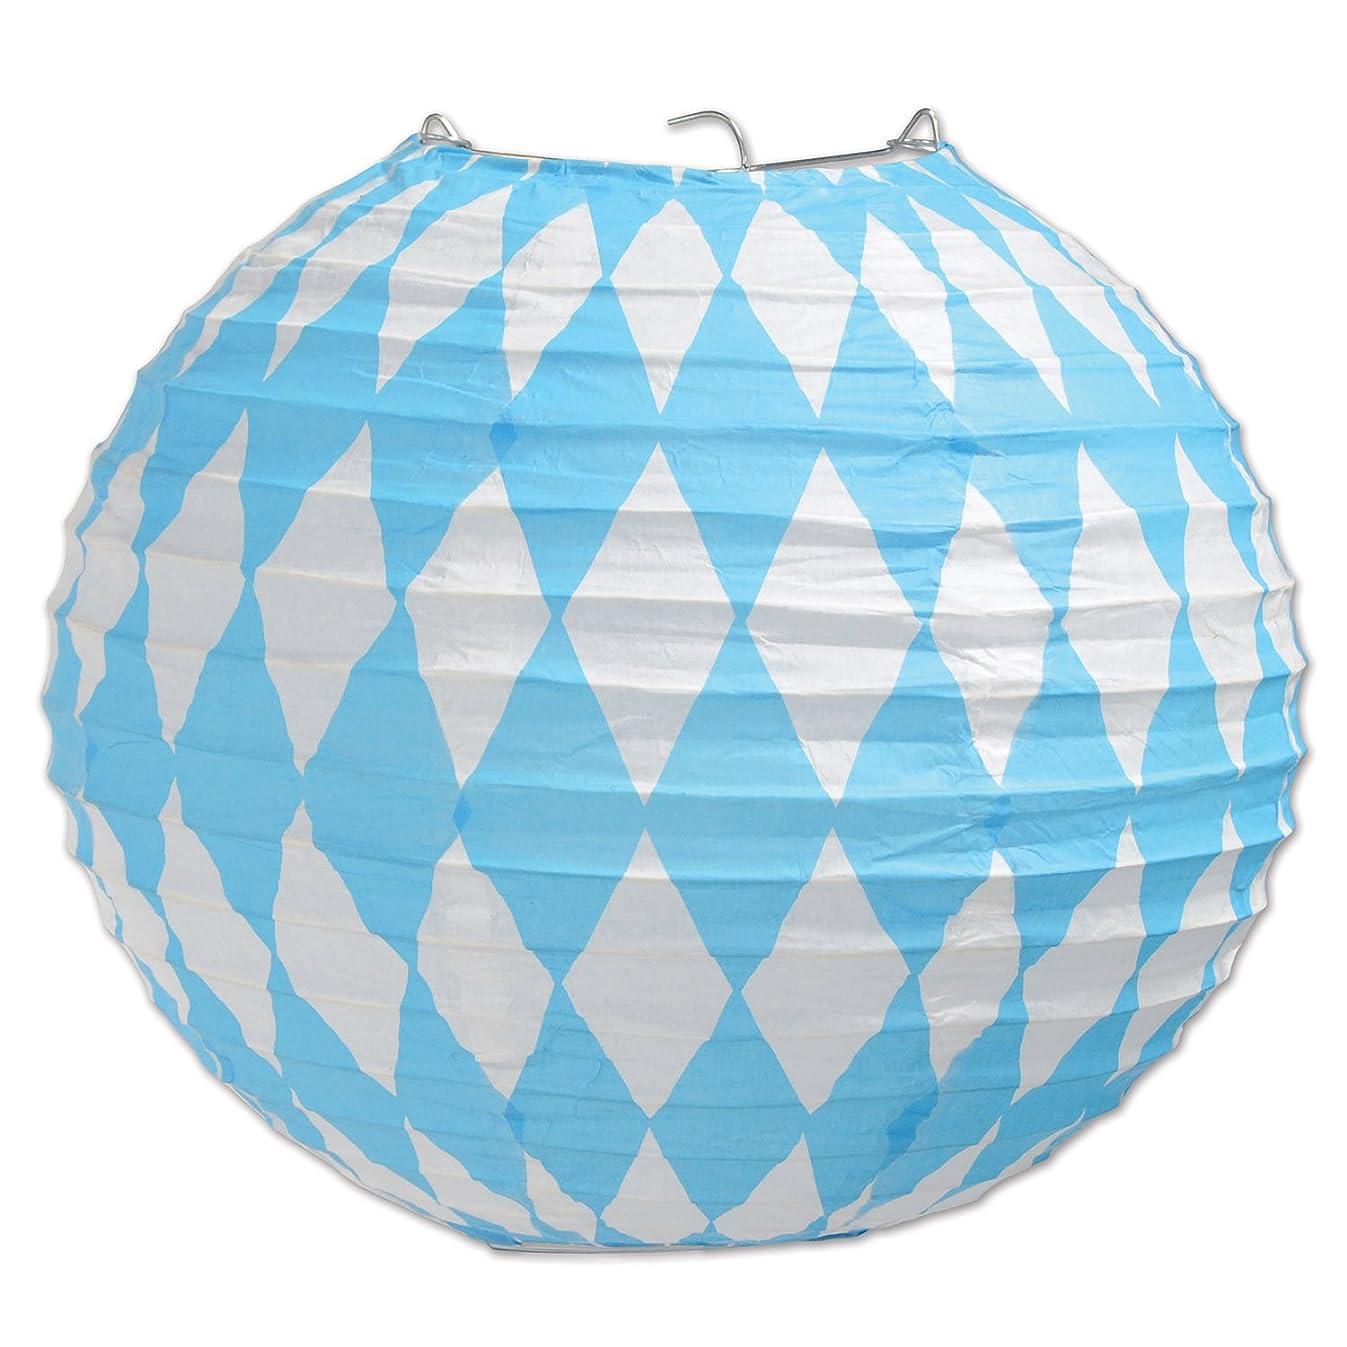 Beistle 54548 Oktoberfest Paper Lanterns, 9-1/2-Inch, Blue/White